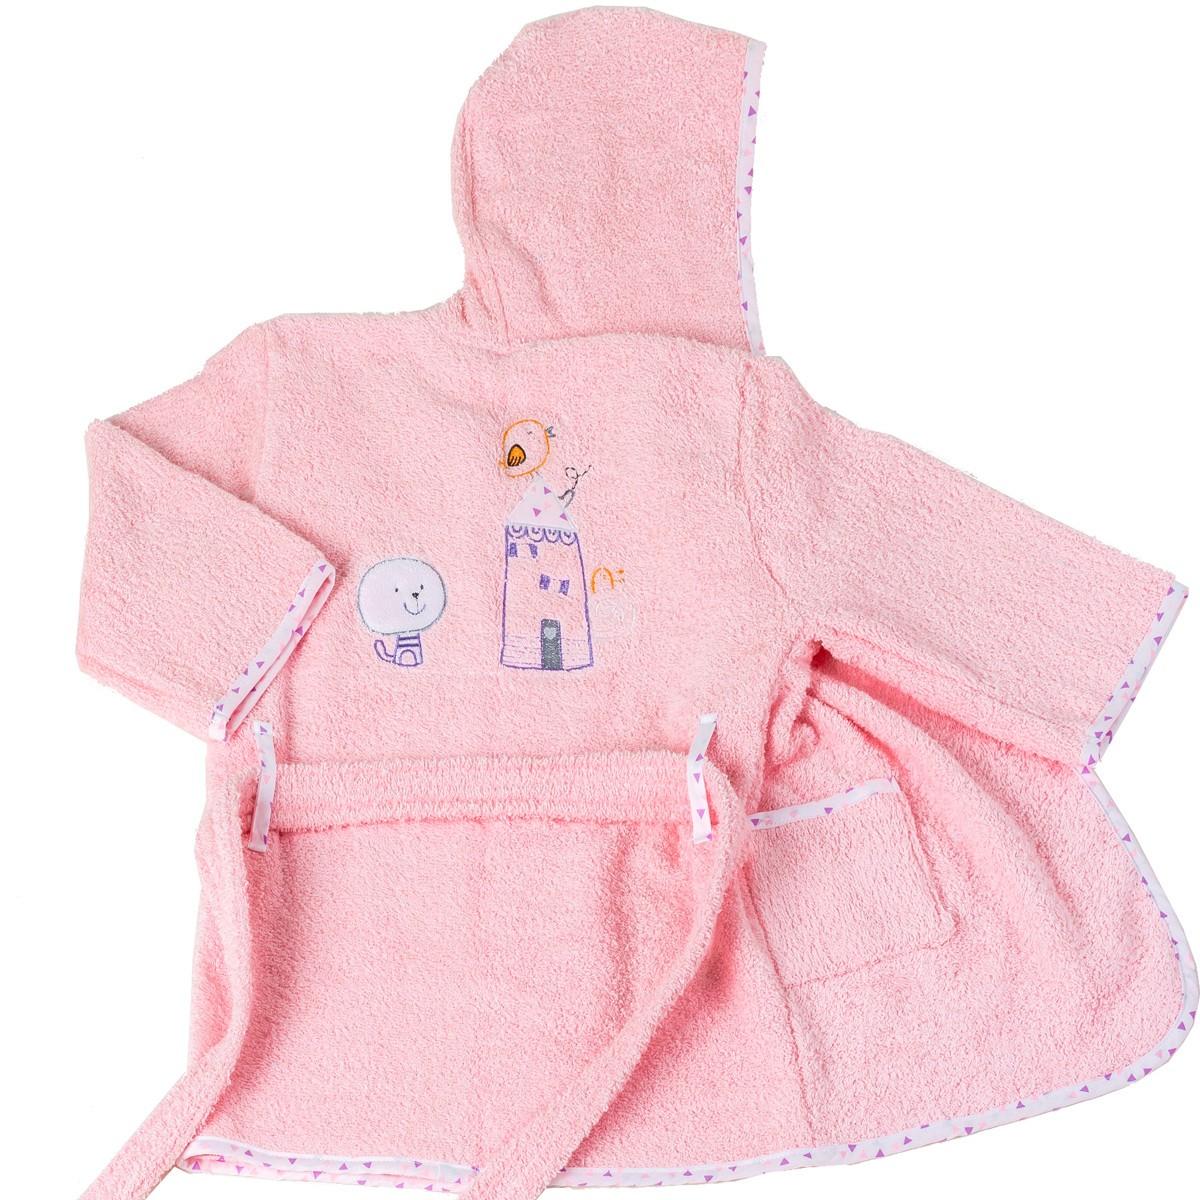 Βρεφικό Μπουρνούζι Κόσμος Του Μωρού Home 4100 Ροζ Νο4 Νο4 74599